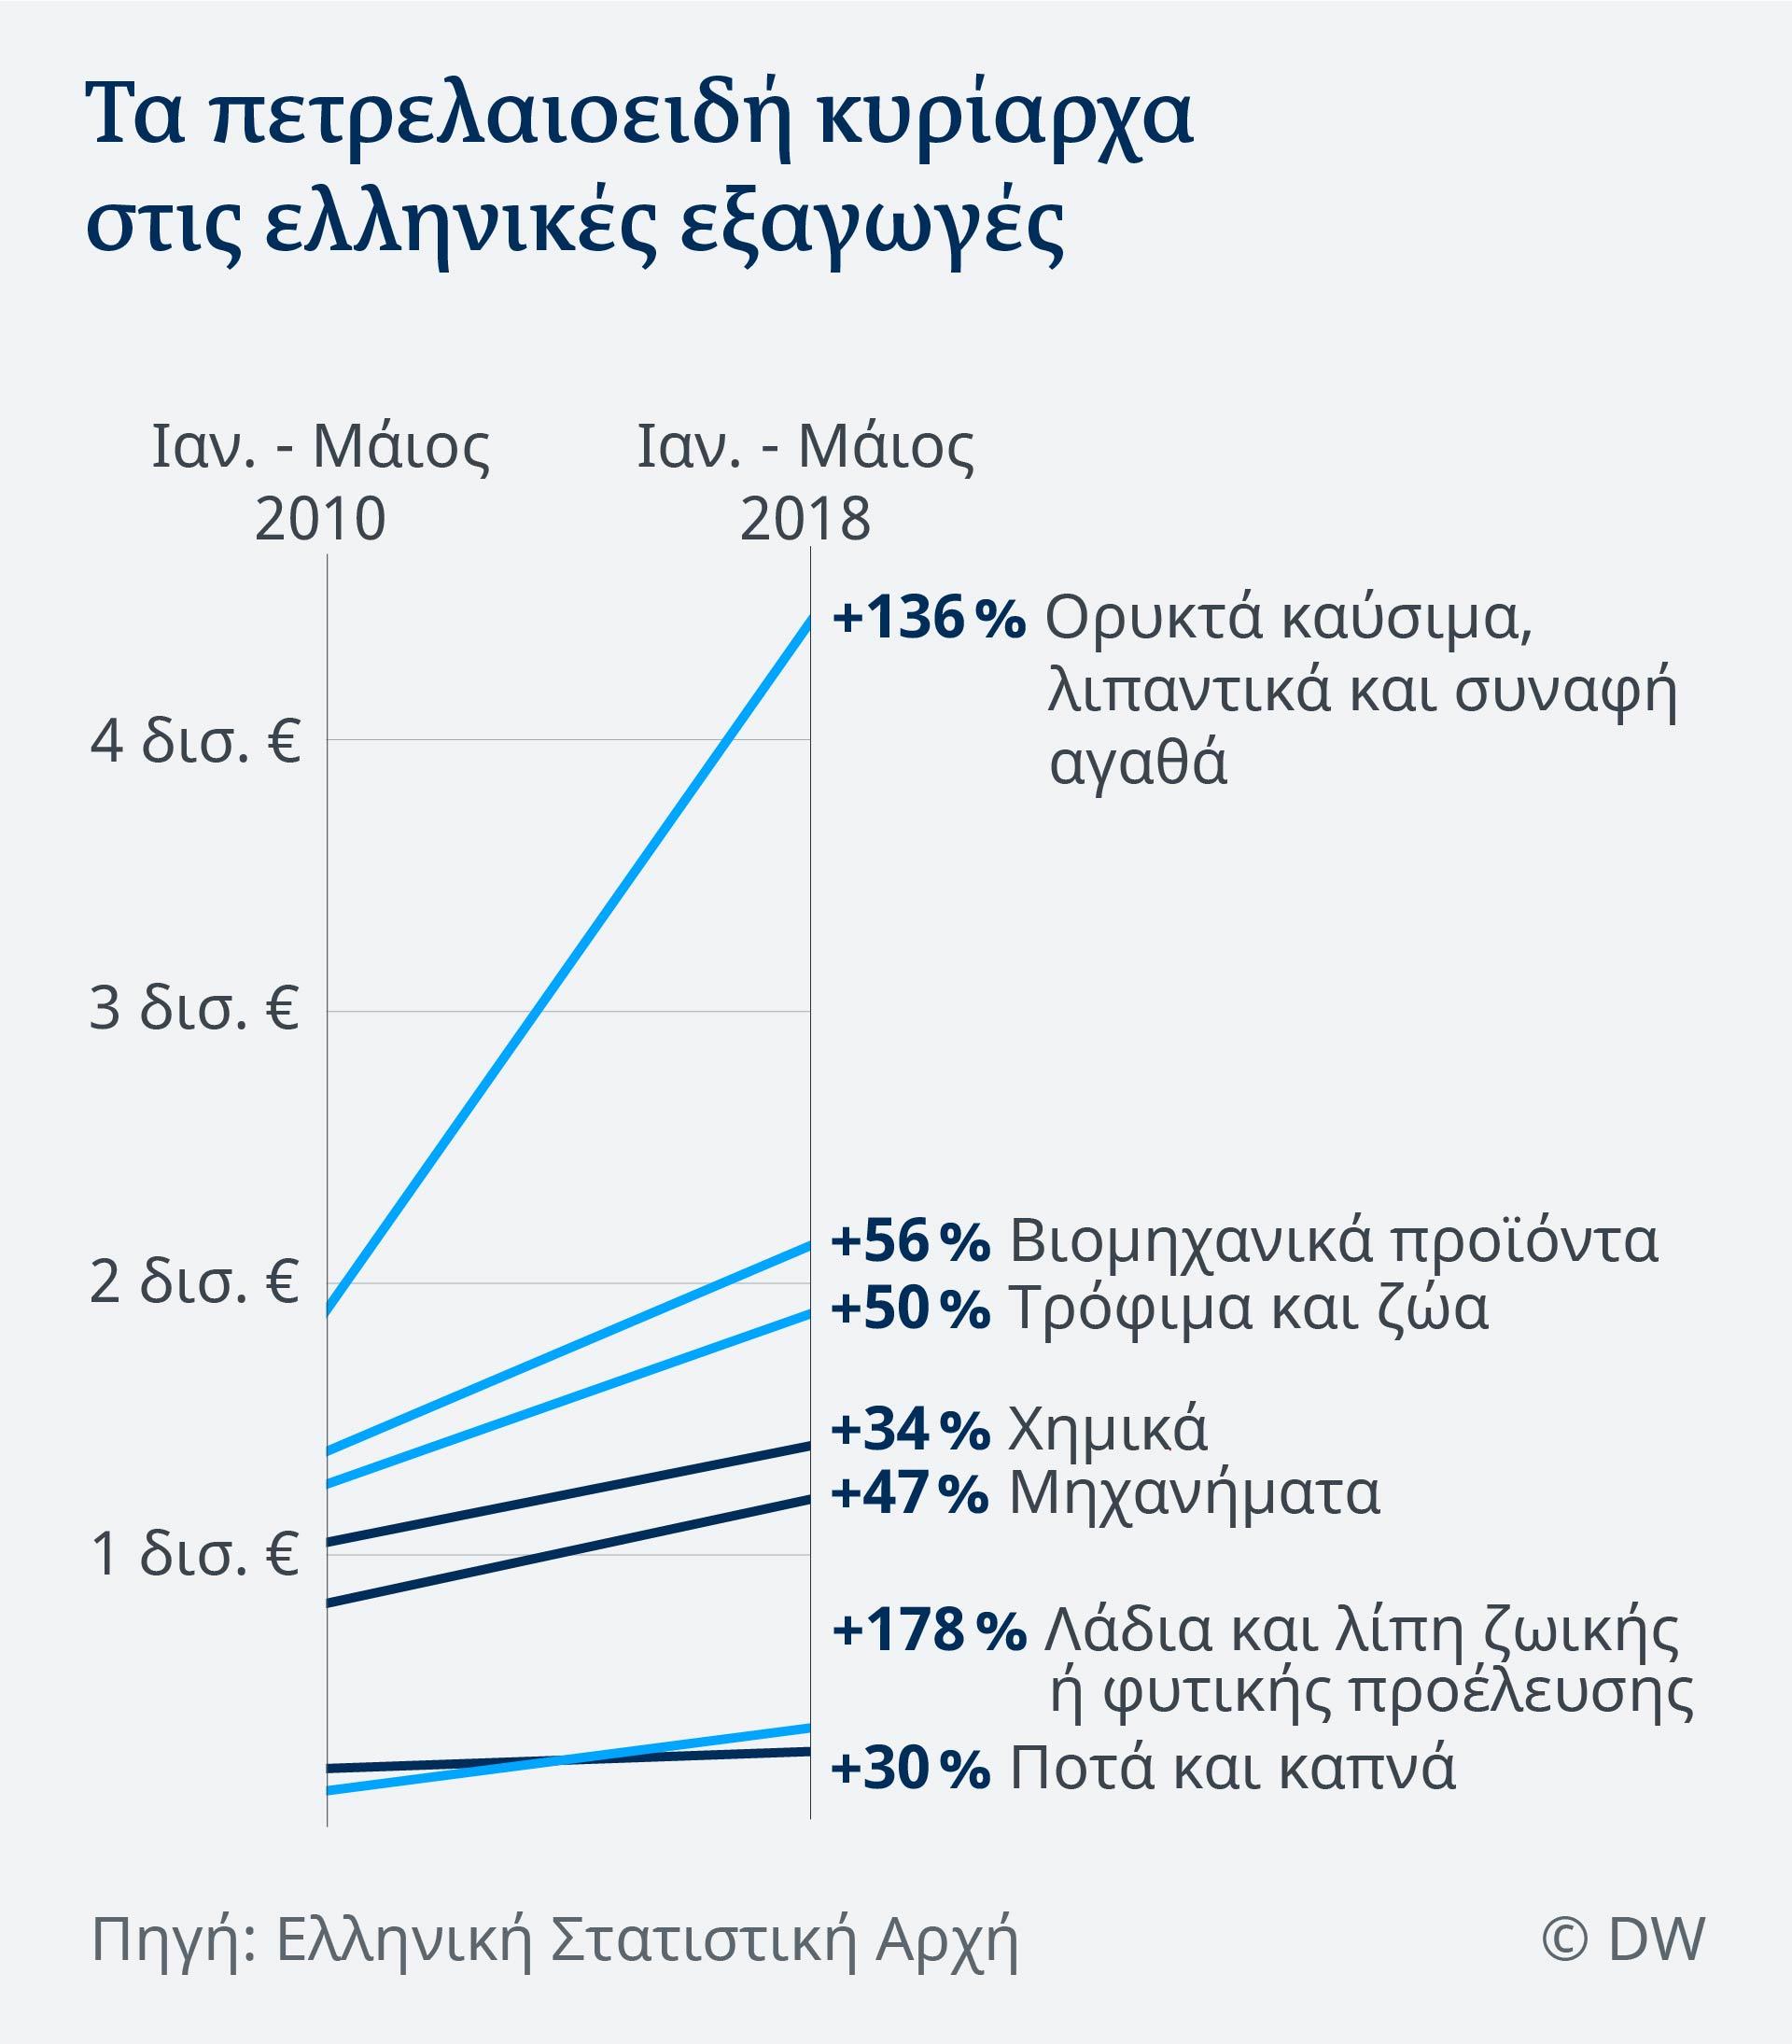 Εσφαλμένα οι περισσότεροι νομίζουν ότι η Ελλάδα εξάγει κυρίως αγροτικά προϊόντα